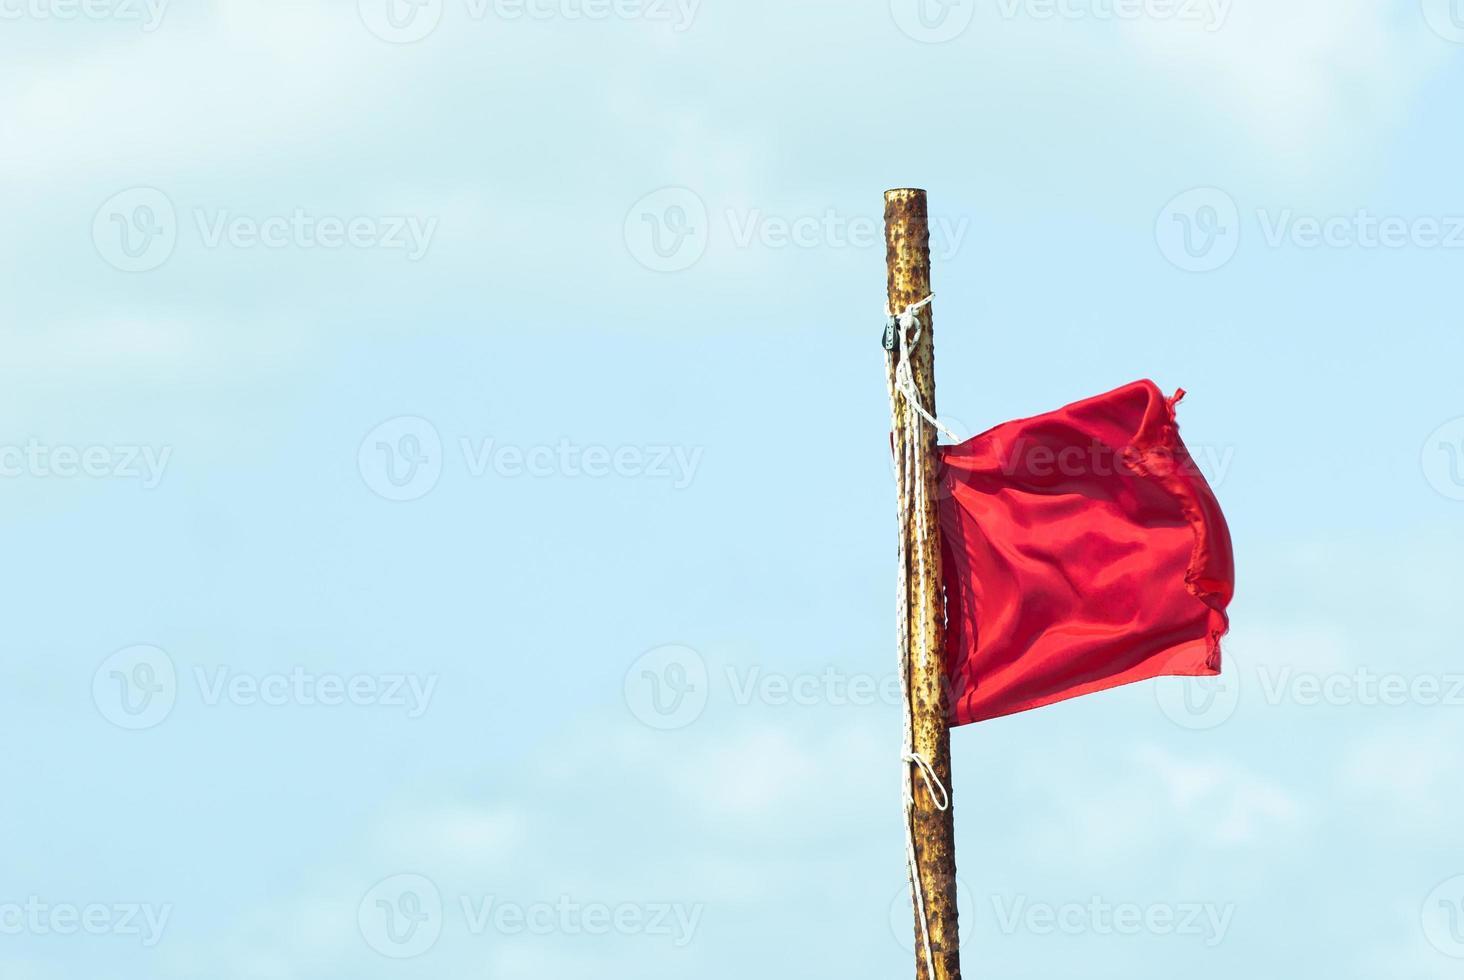 Bandera bandera roja contra el cielo azul nube foto